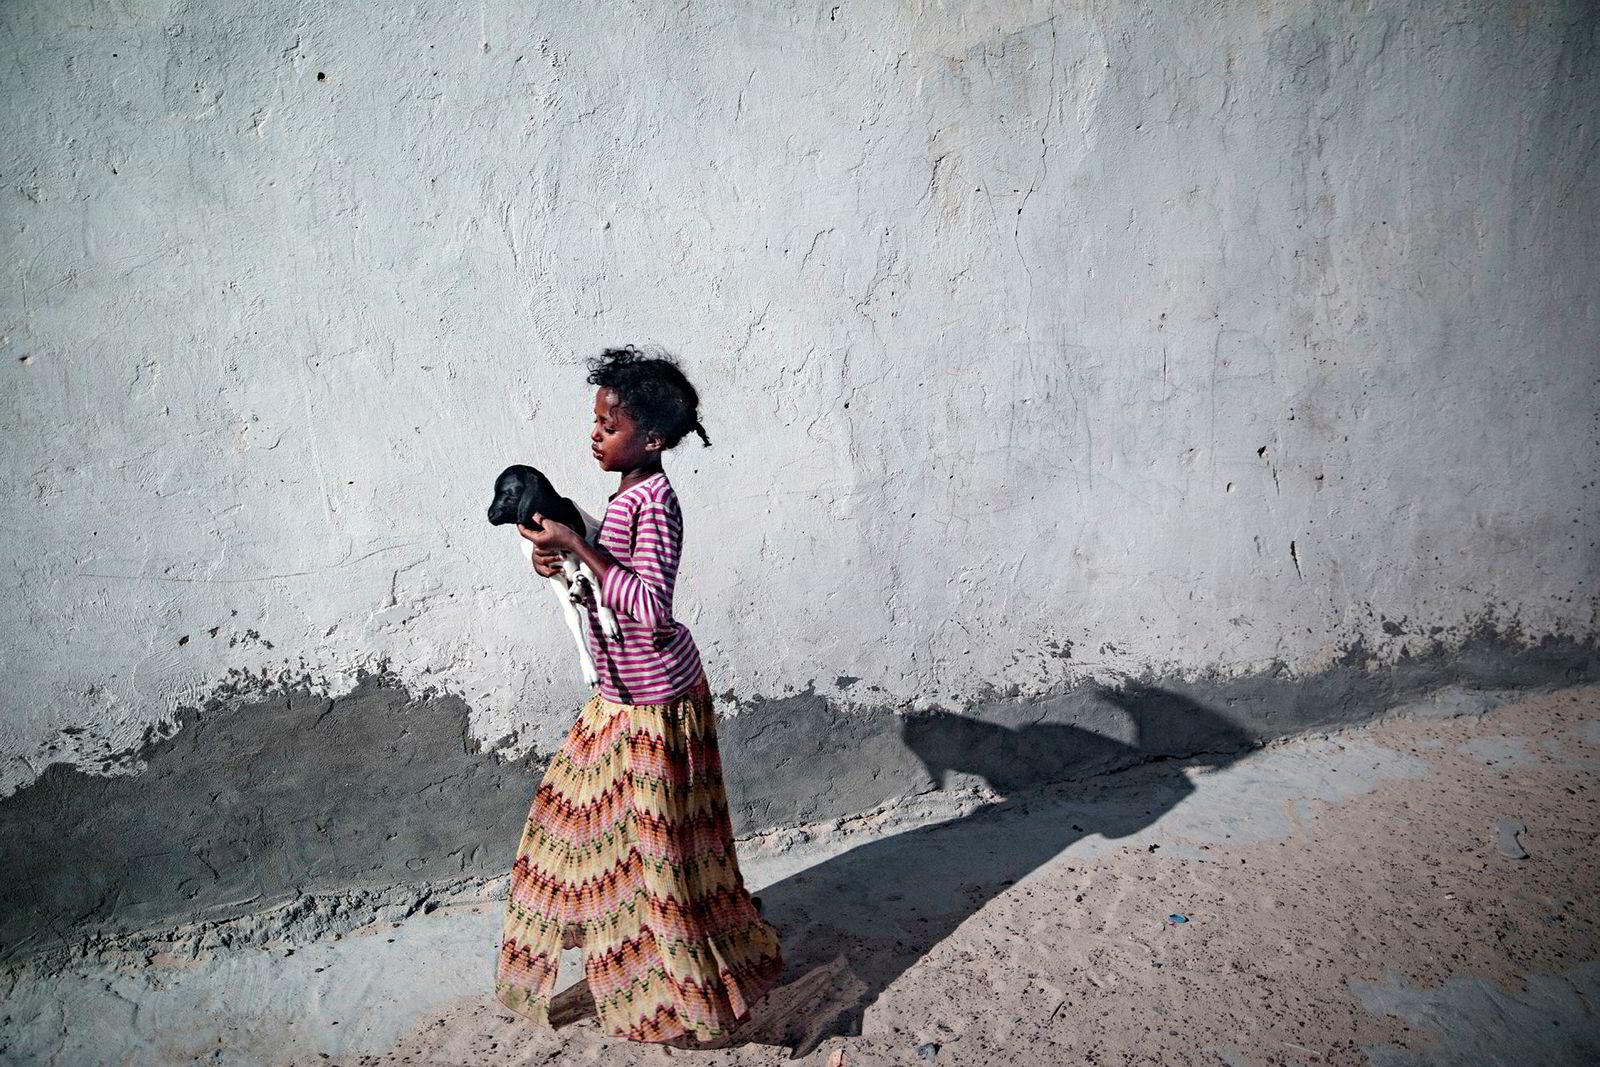 En liten jente bærer et lam med hjem. Flere tiår med krig, sult og terror har herjet med Somalia og hovedstaden Mogadishu. Ingen regjeringer har vært levedyktige og har vært offer for terroristene i Al Shabaab og andre klaner. Norsk-somaliske Hassan Ali Khaire er blitt statsminister i et av verdens verste land å styre.